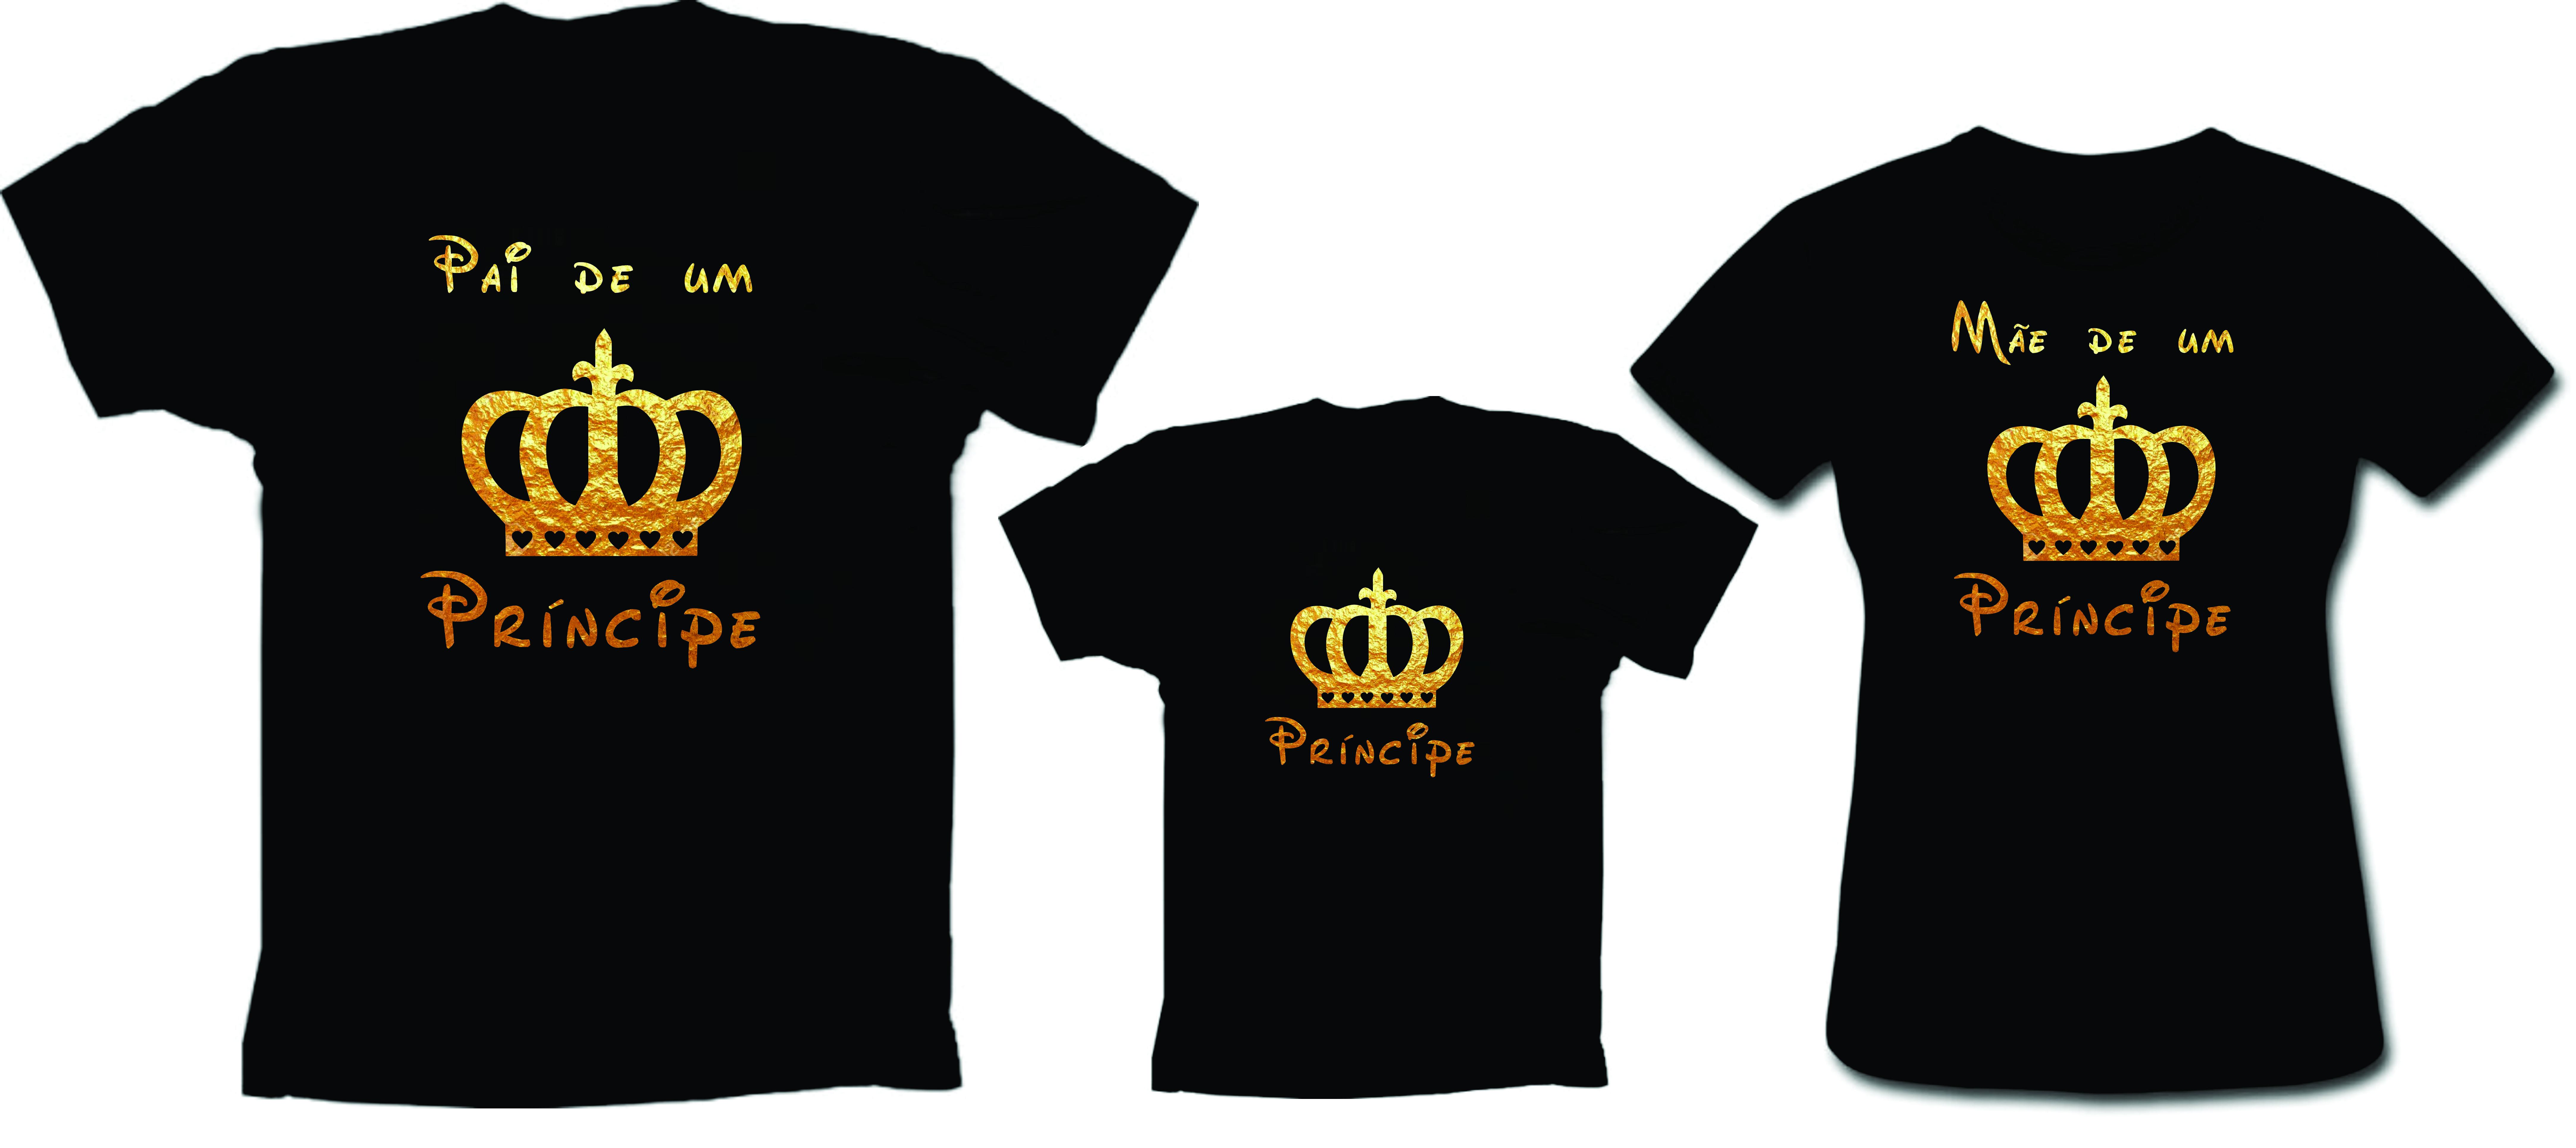 felicidade mesada Restrição camisa personalizada do principe